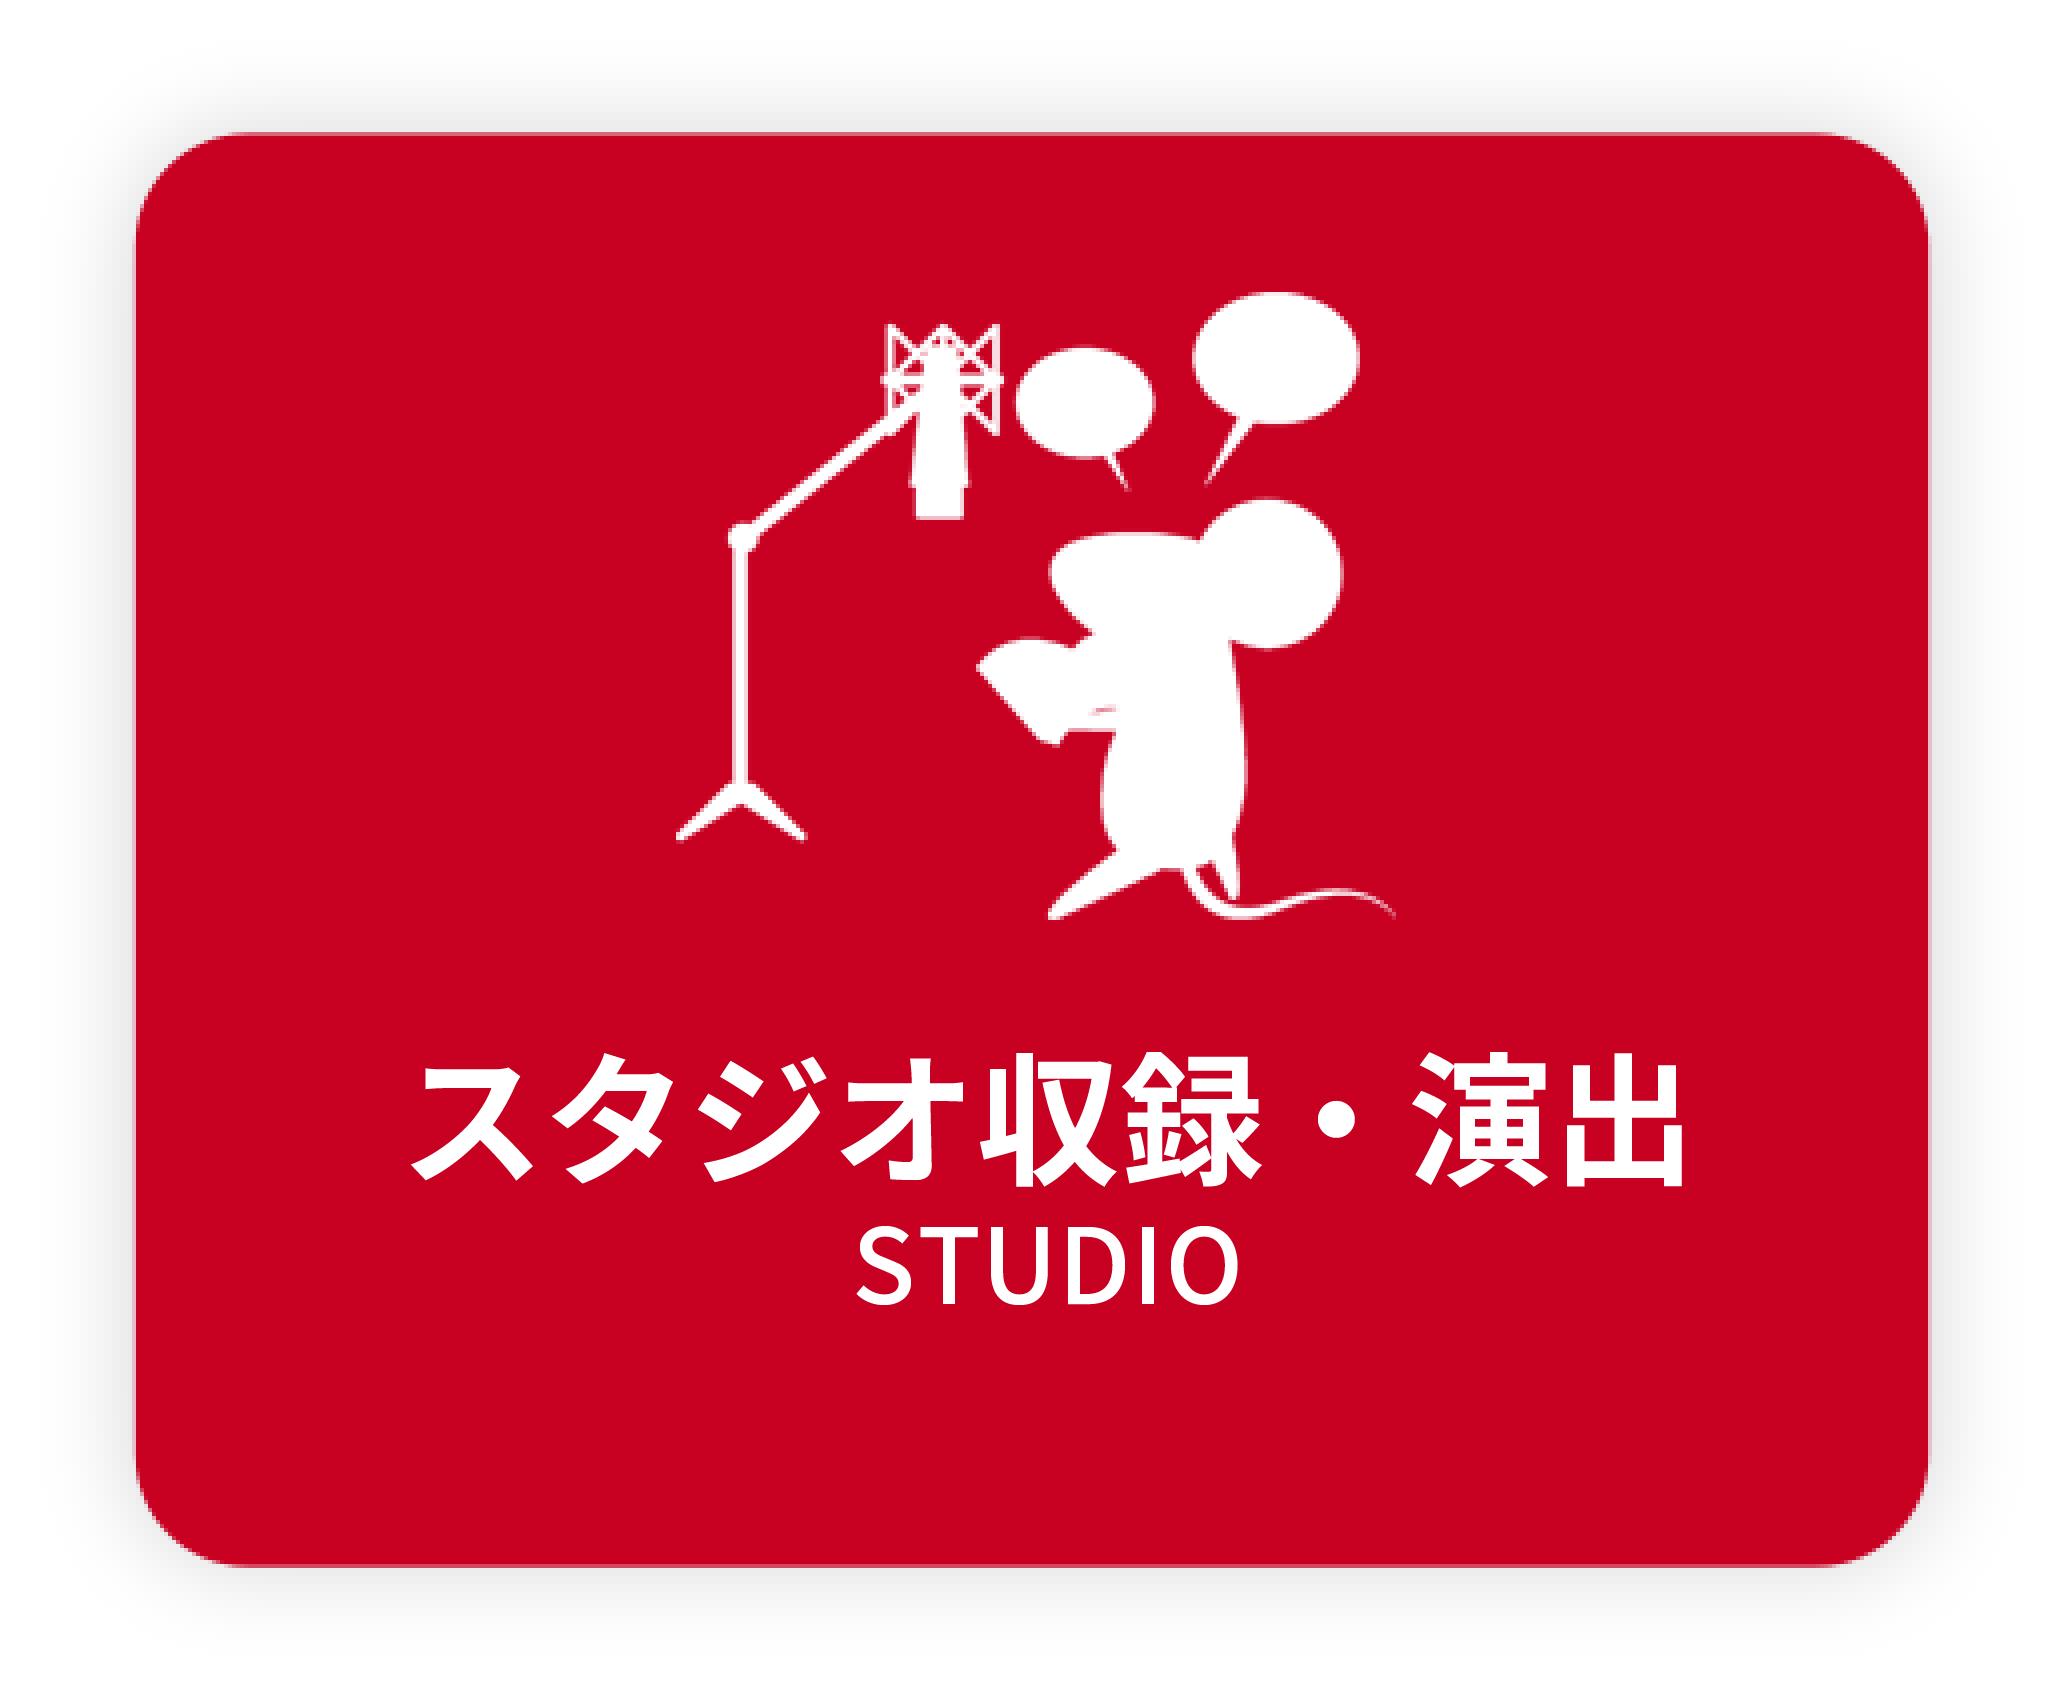 スタジオアイコン